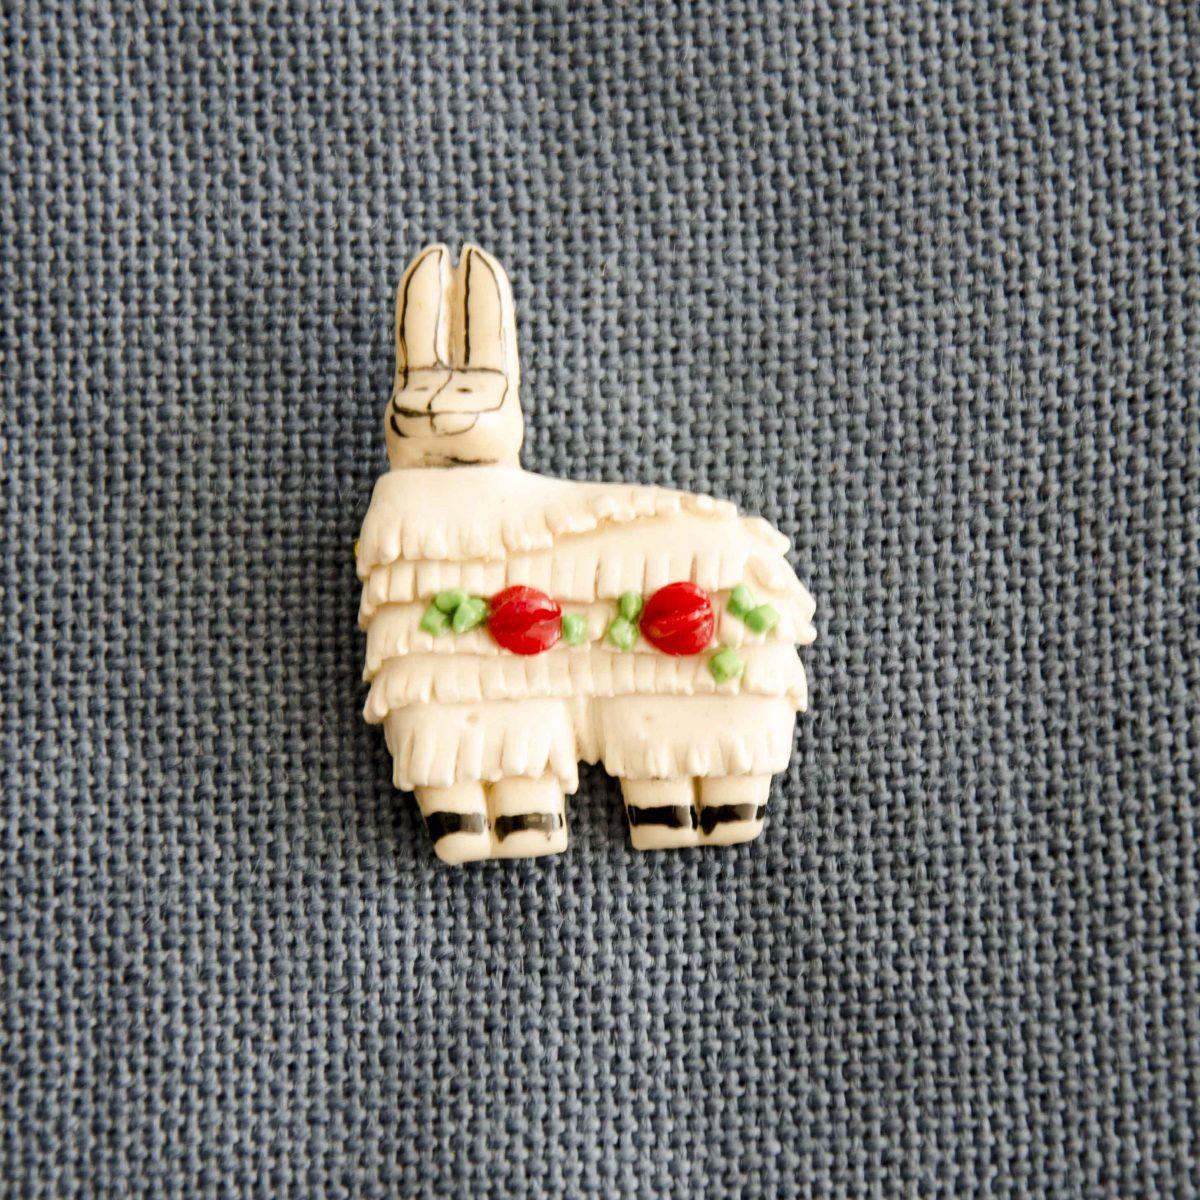 Lapel Pin of Mazapán from Calderón, Ecuador | @Angela Drake